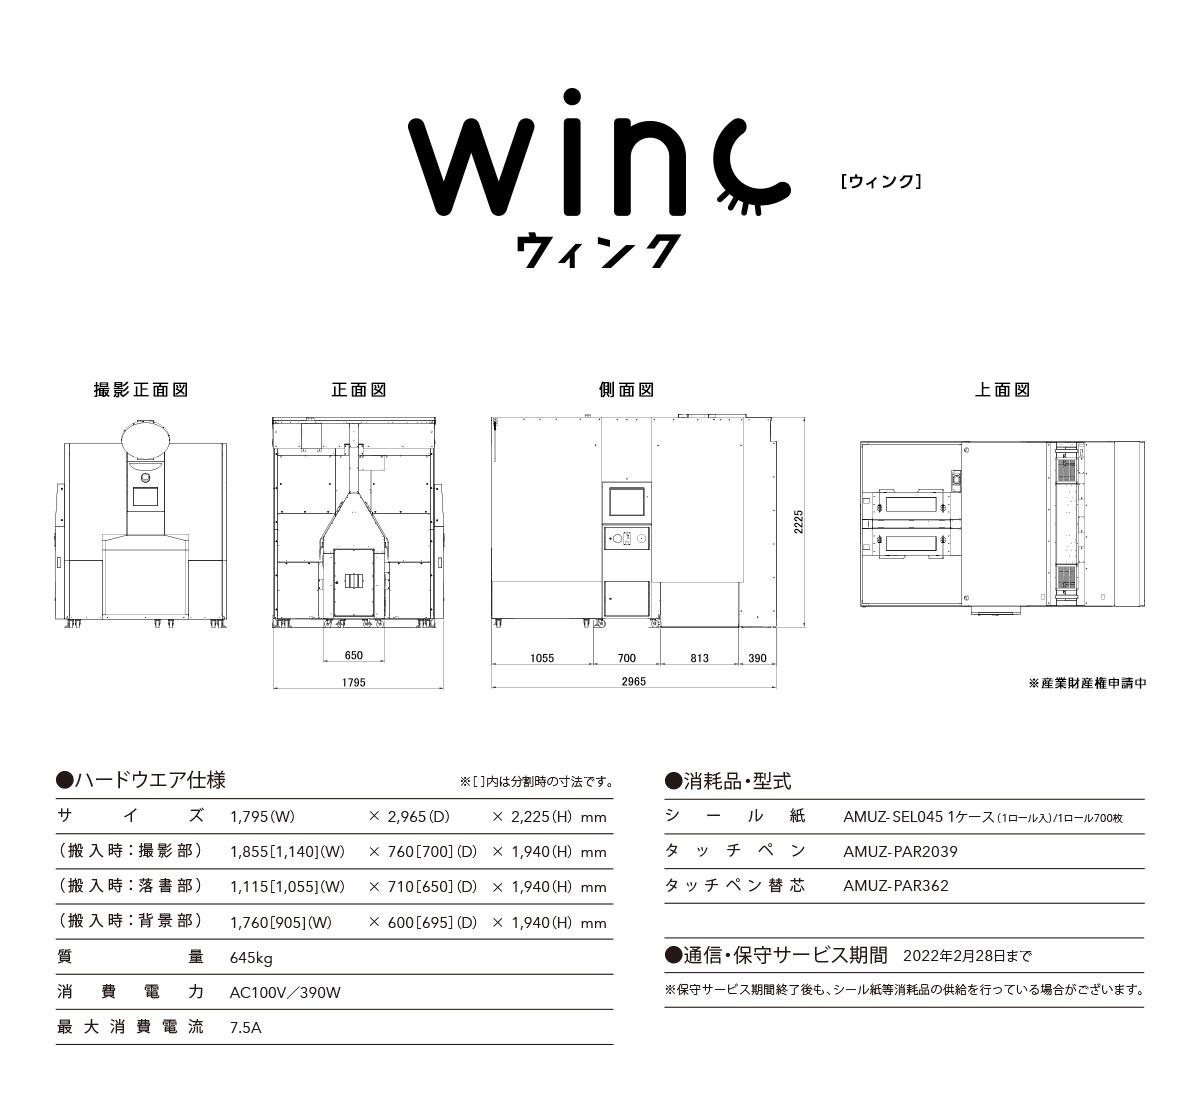 『winc』仕様